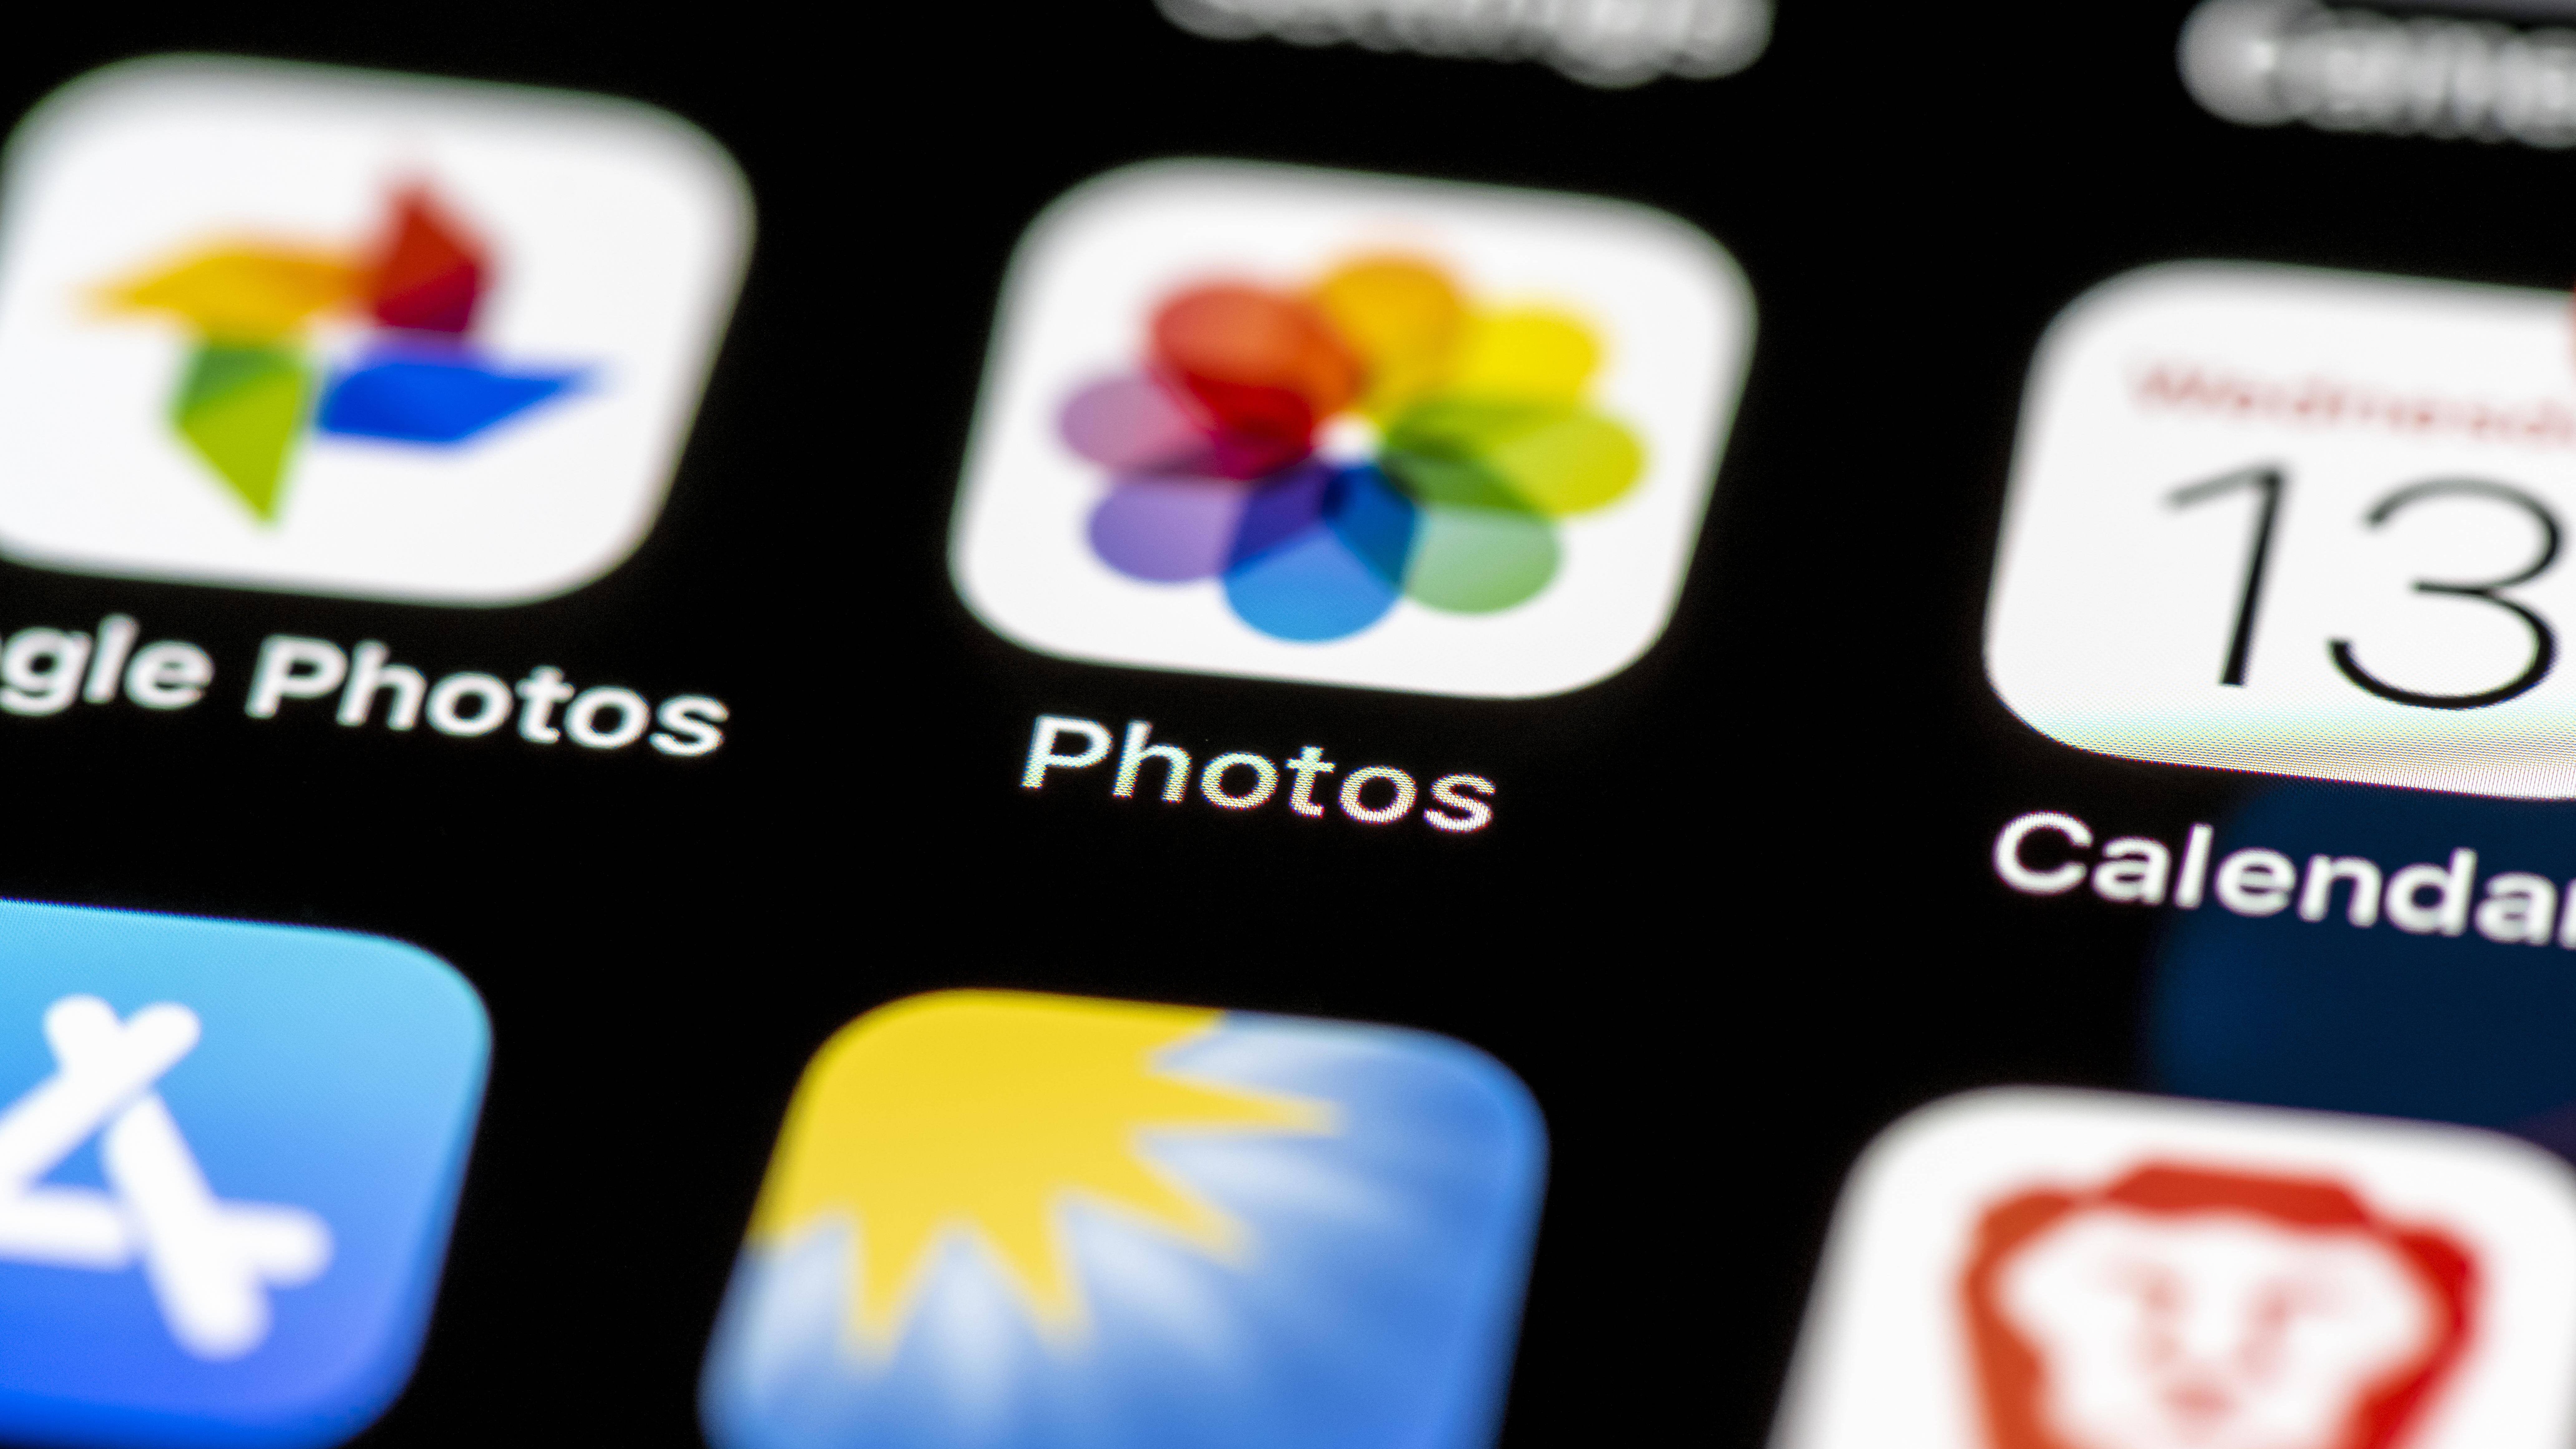 Fotos auf dem iPhone lassen sich nach Datum, Name und Größe sortieren.